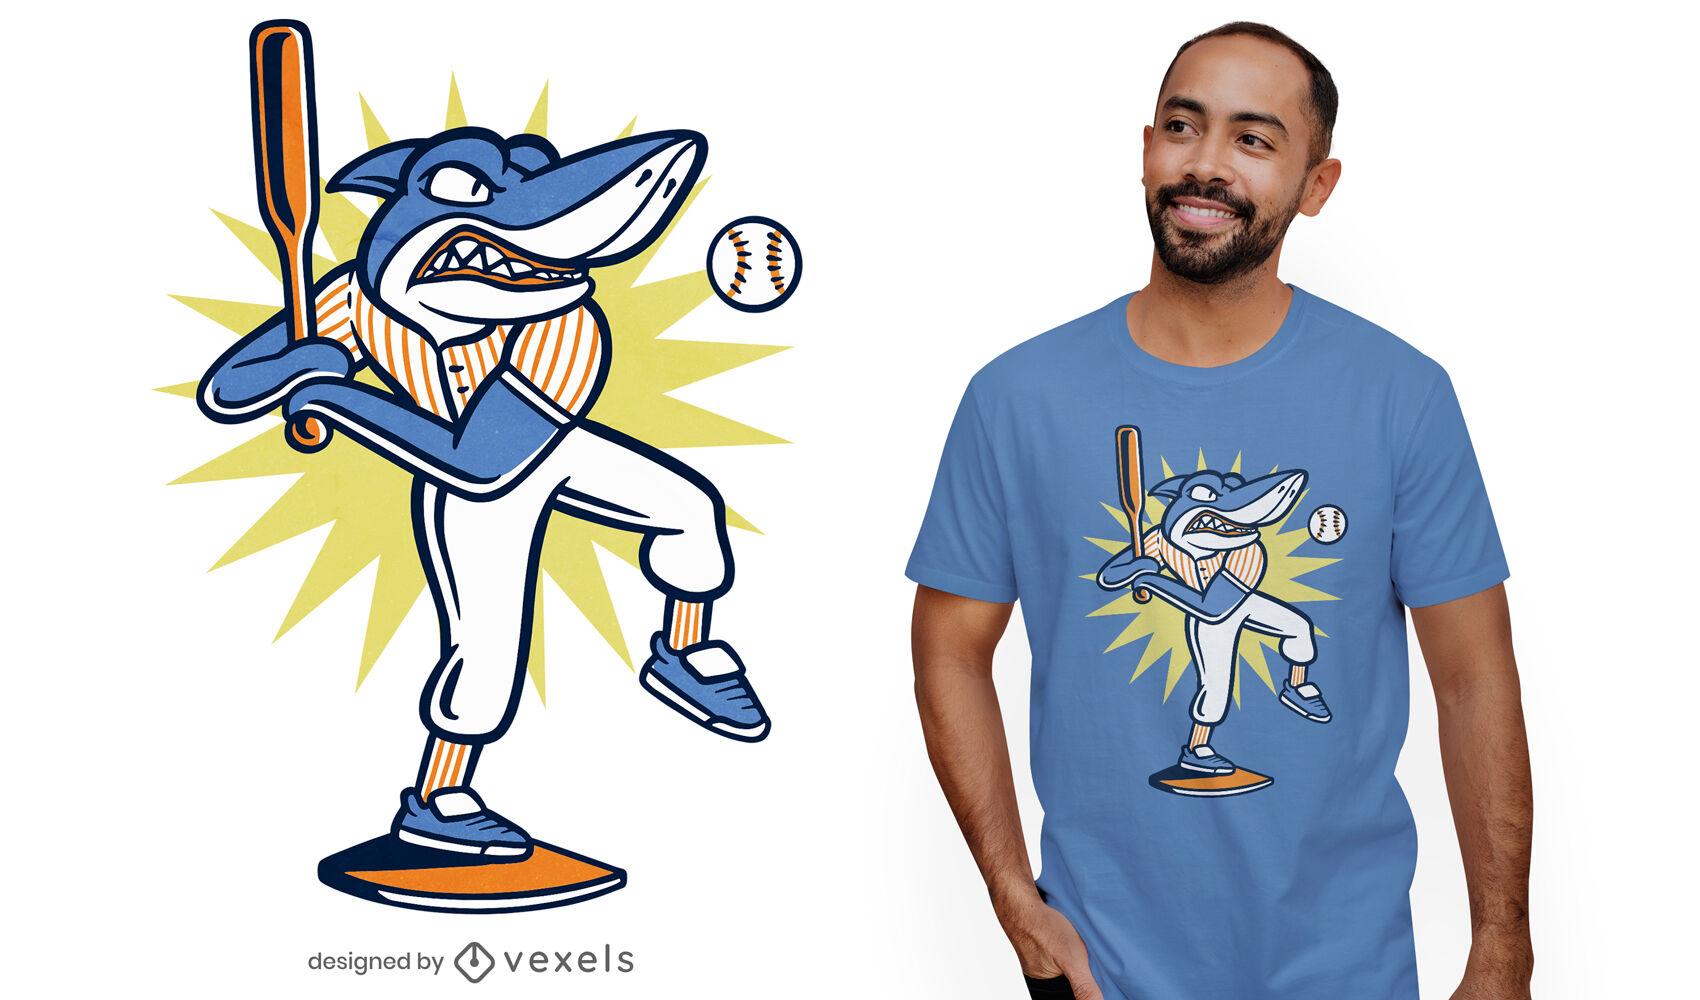 Dise?o de camiseta de tibur?n jugador de b?isbol.